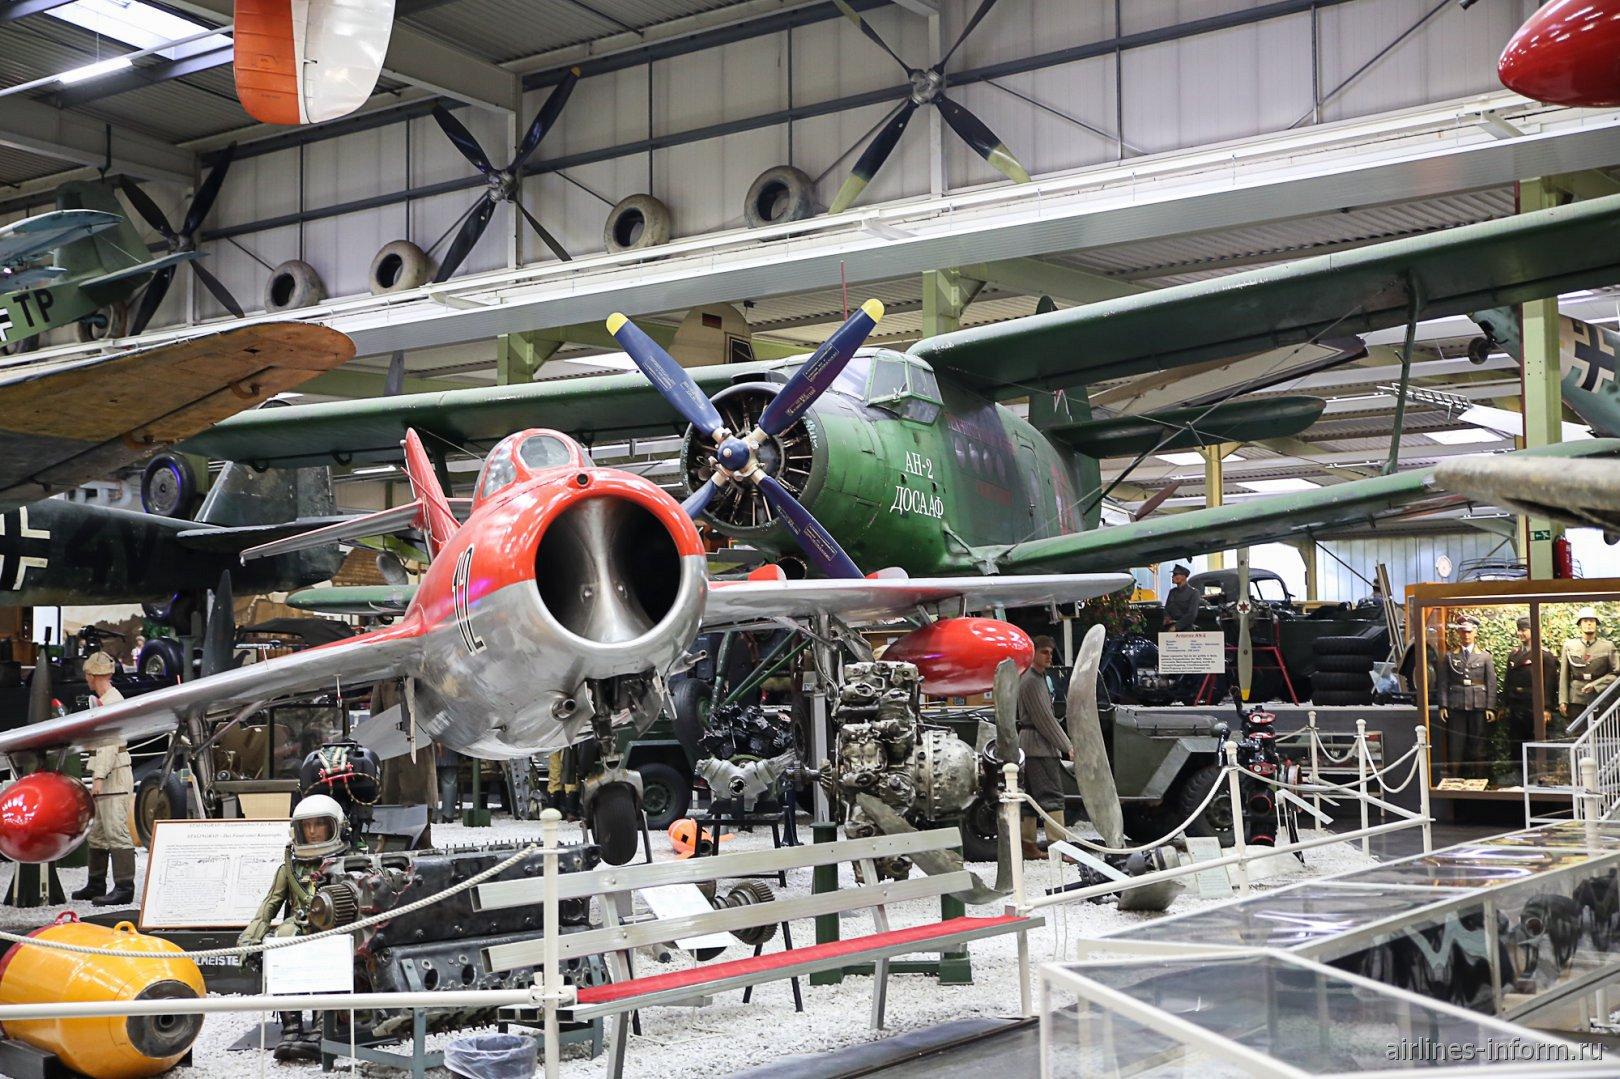 Самолеты МиГ-15 и Ан-2 в музее техники в Зинсхайме